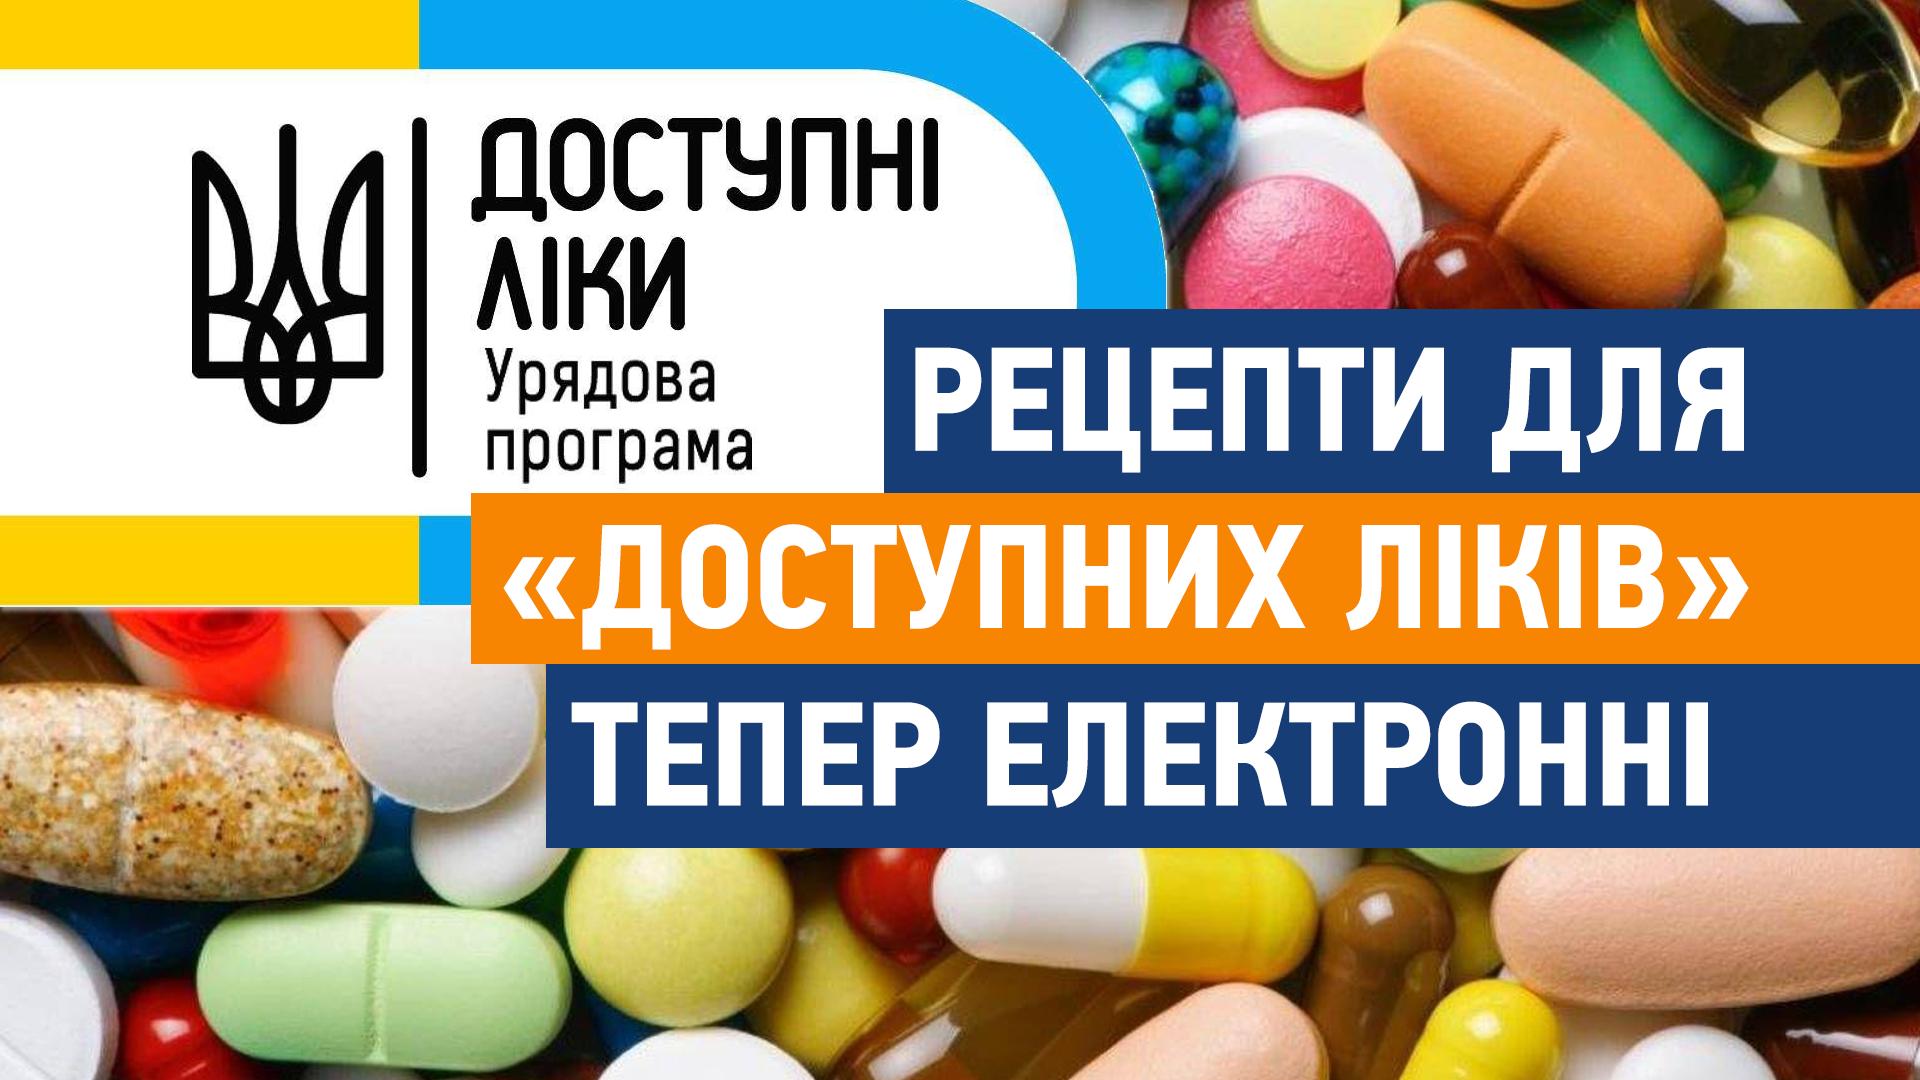 «Доступні ліки» тепер за електронними рецептами - Уляна Супрун, Електронний рецепт, доступні ліки - electronni liku